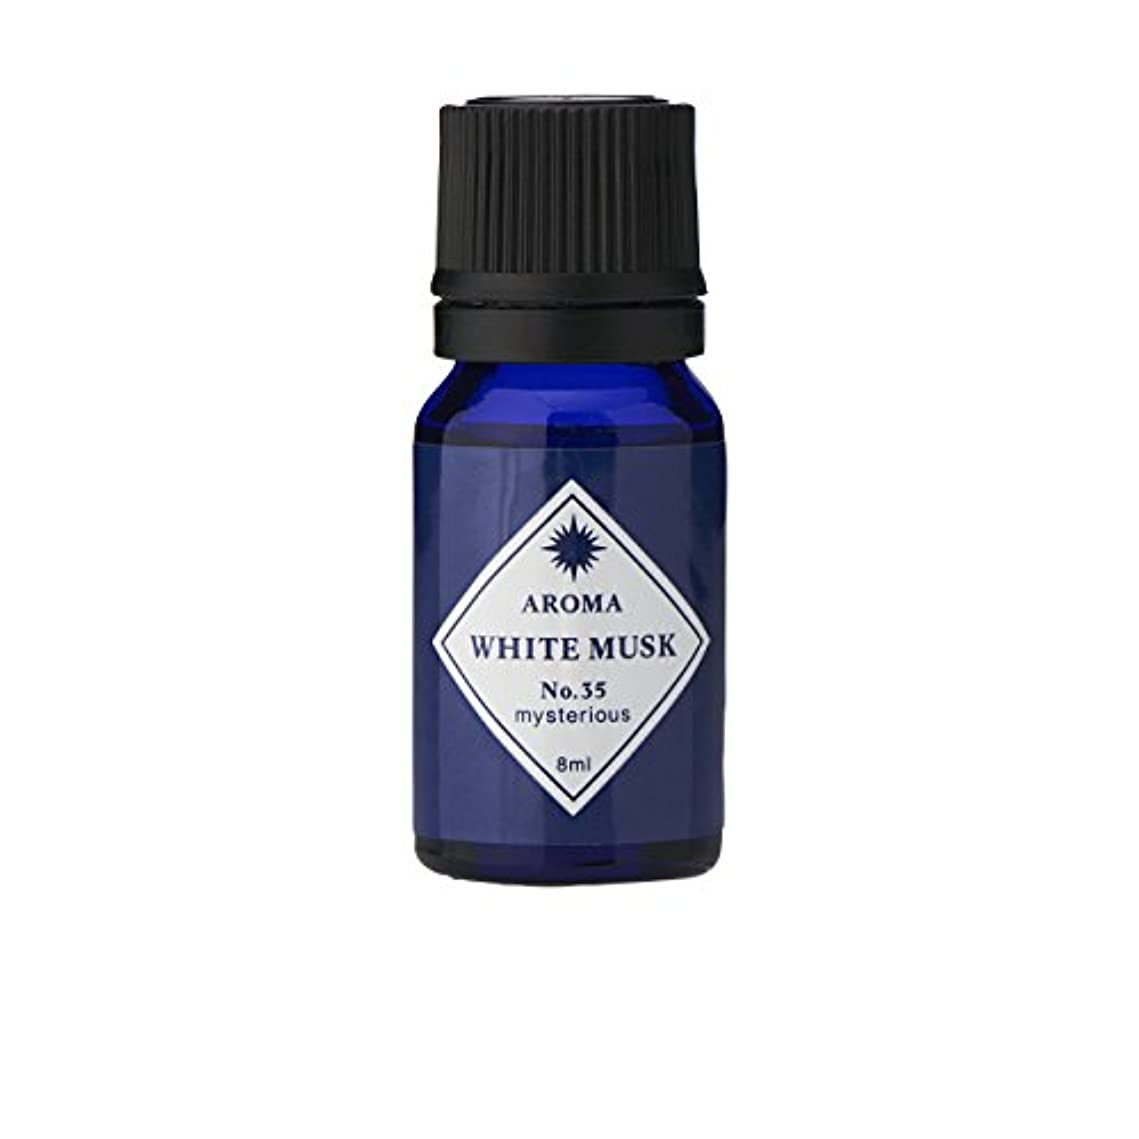 著者原点グラマーブルーラベル アロマエッセンス8ml ホワイトムスク(アロマオイル 調合香料 芳香用 魅惑的で洗練された万人に好まれる香り)